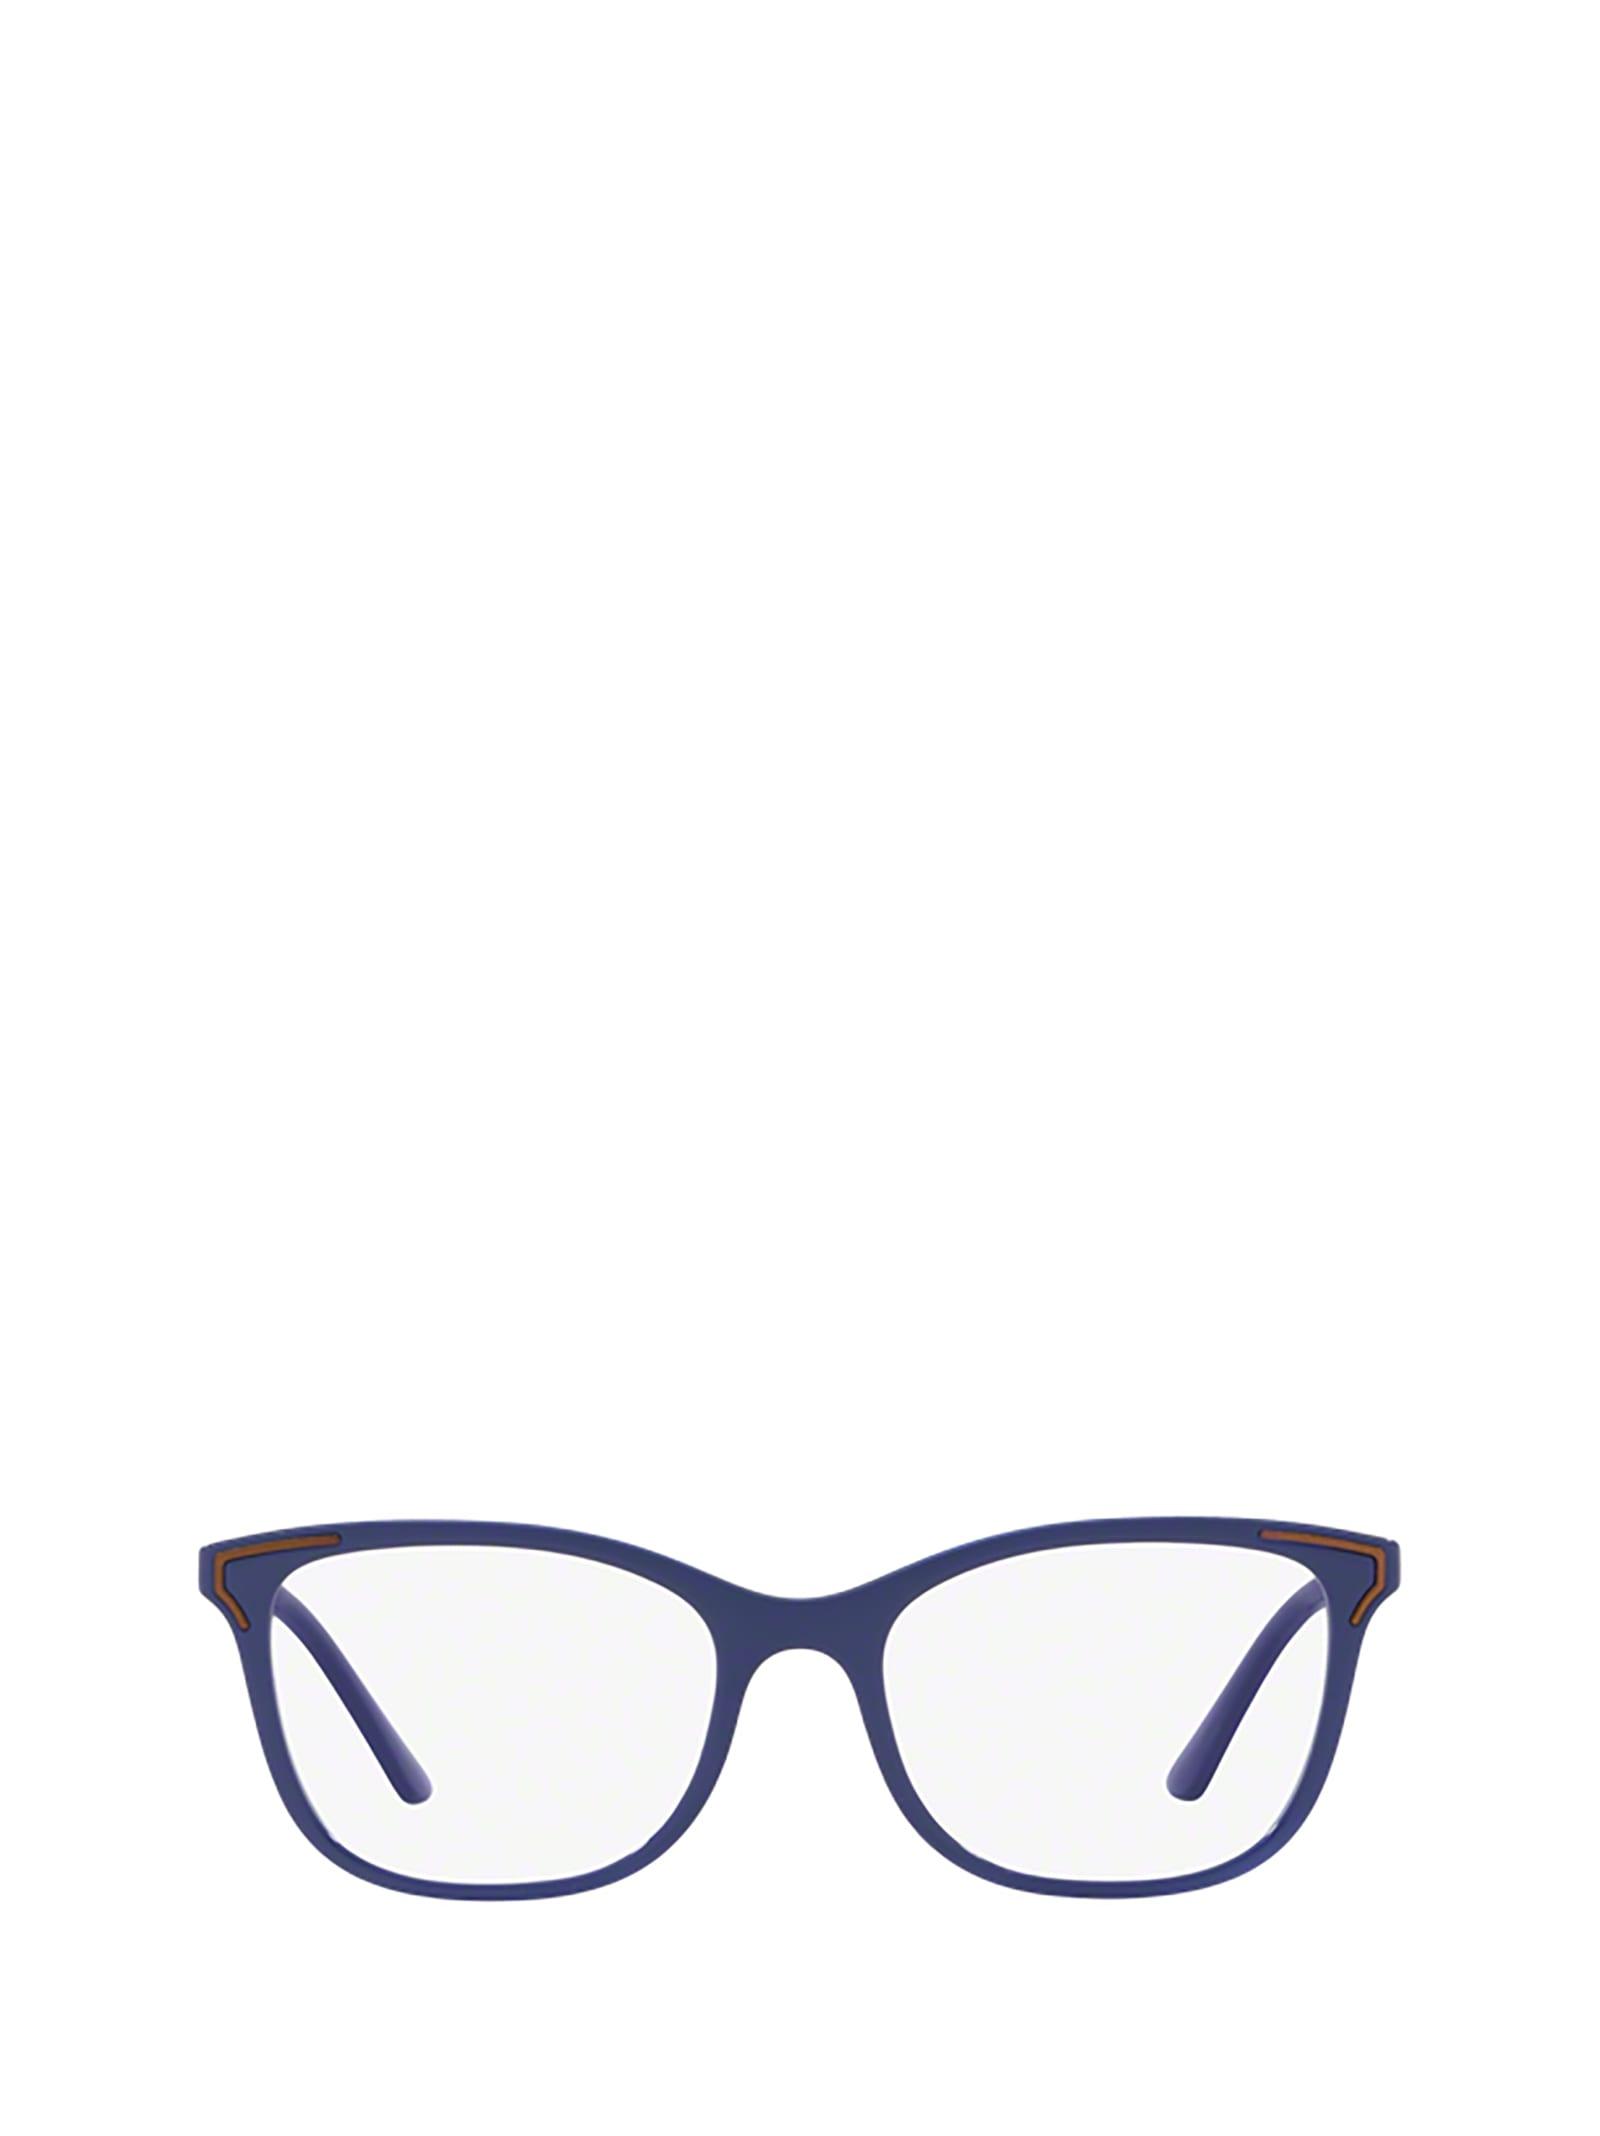 Vogue Eyewear Vogue Vo5214 2619 Glasses